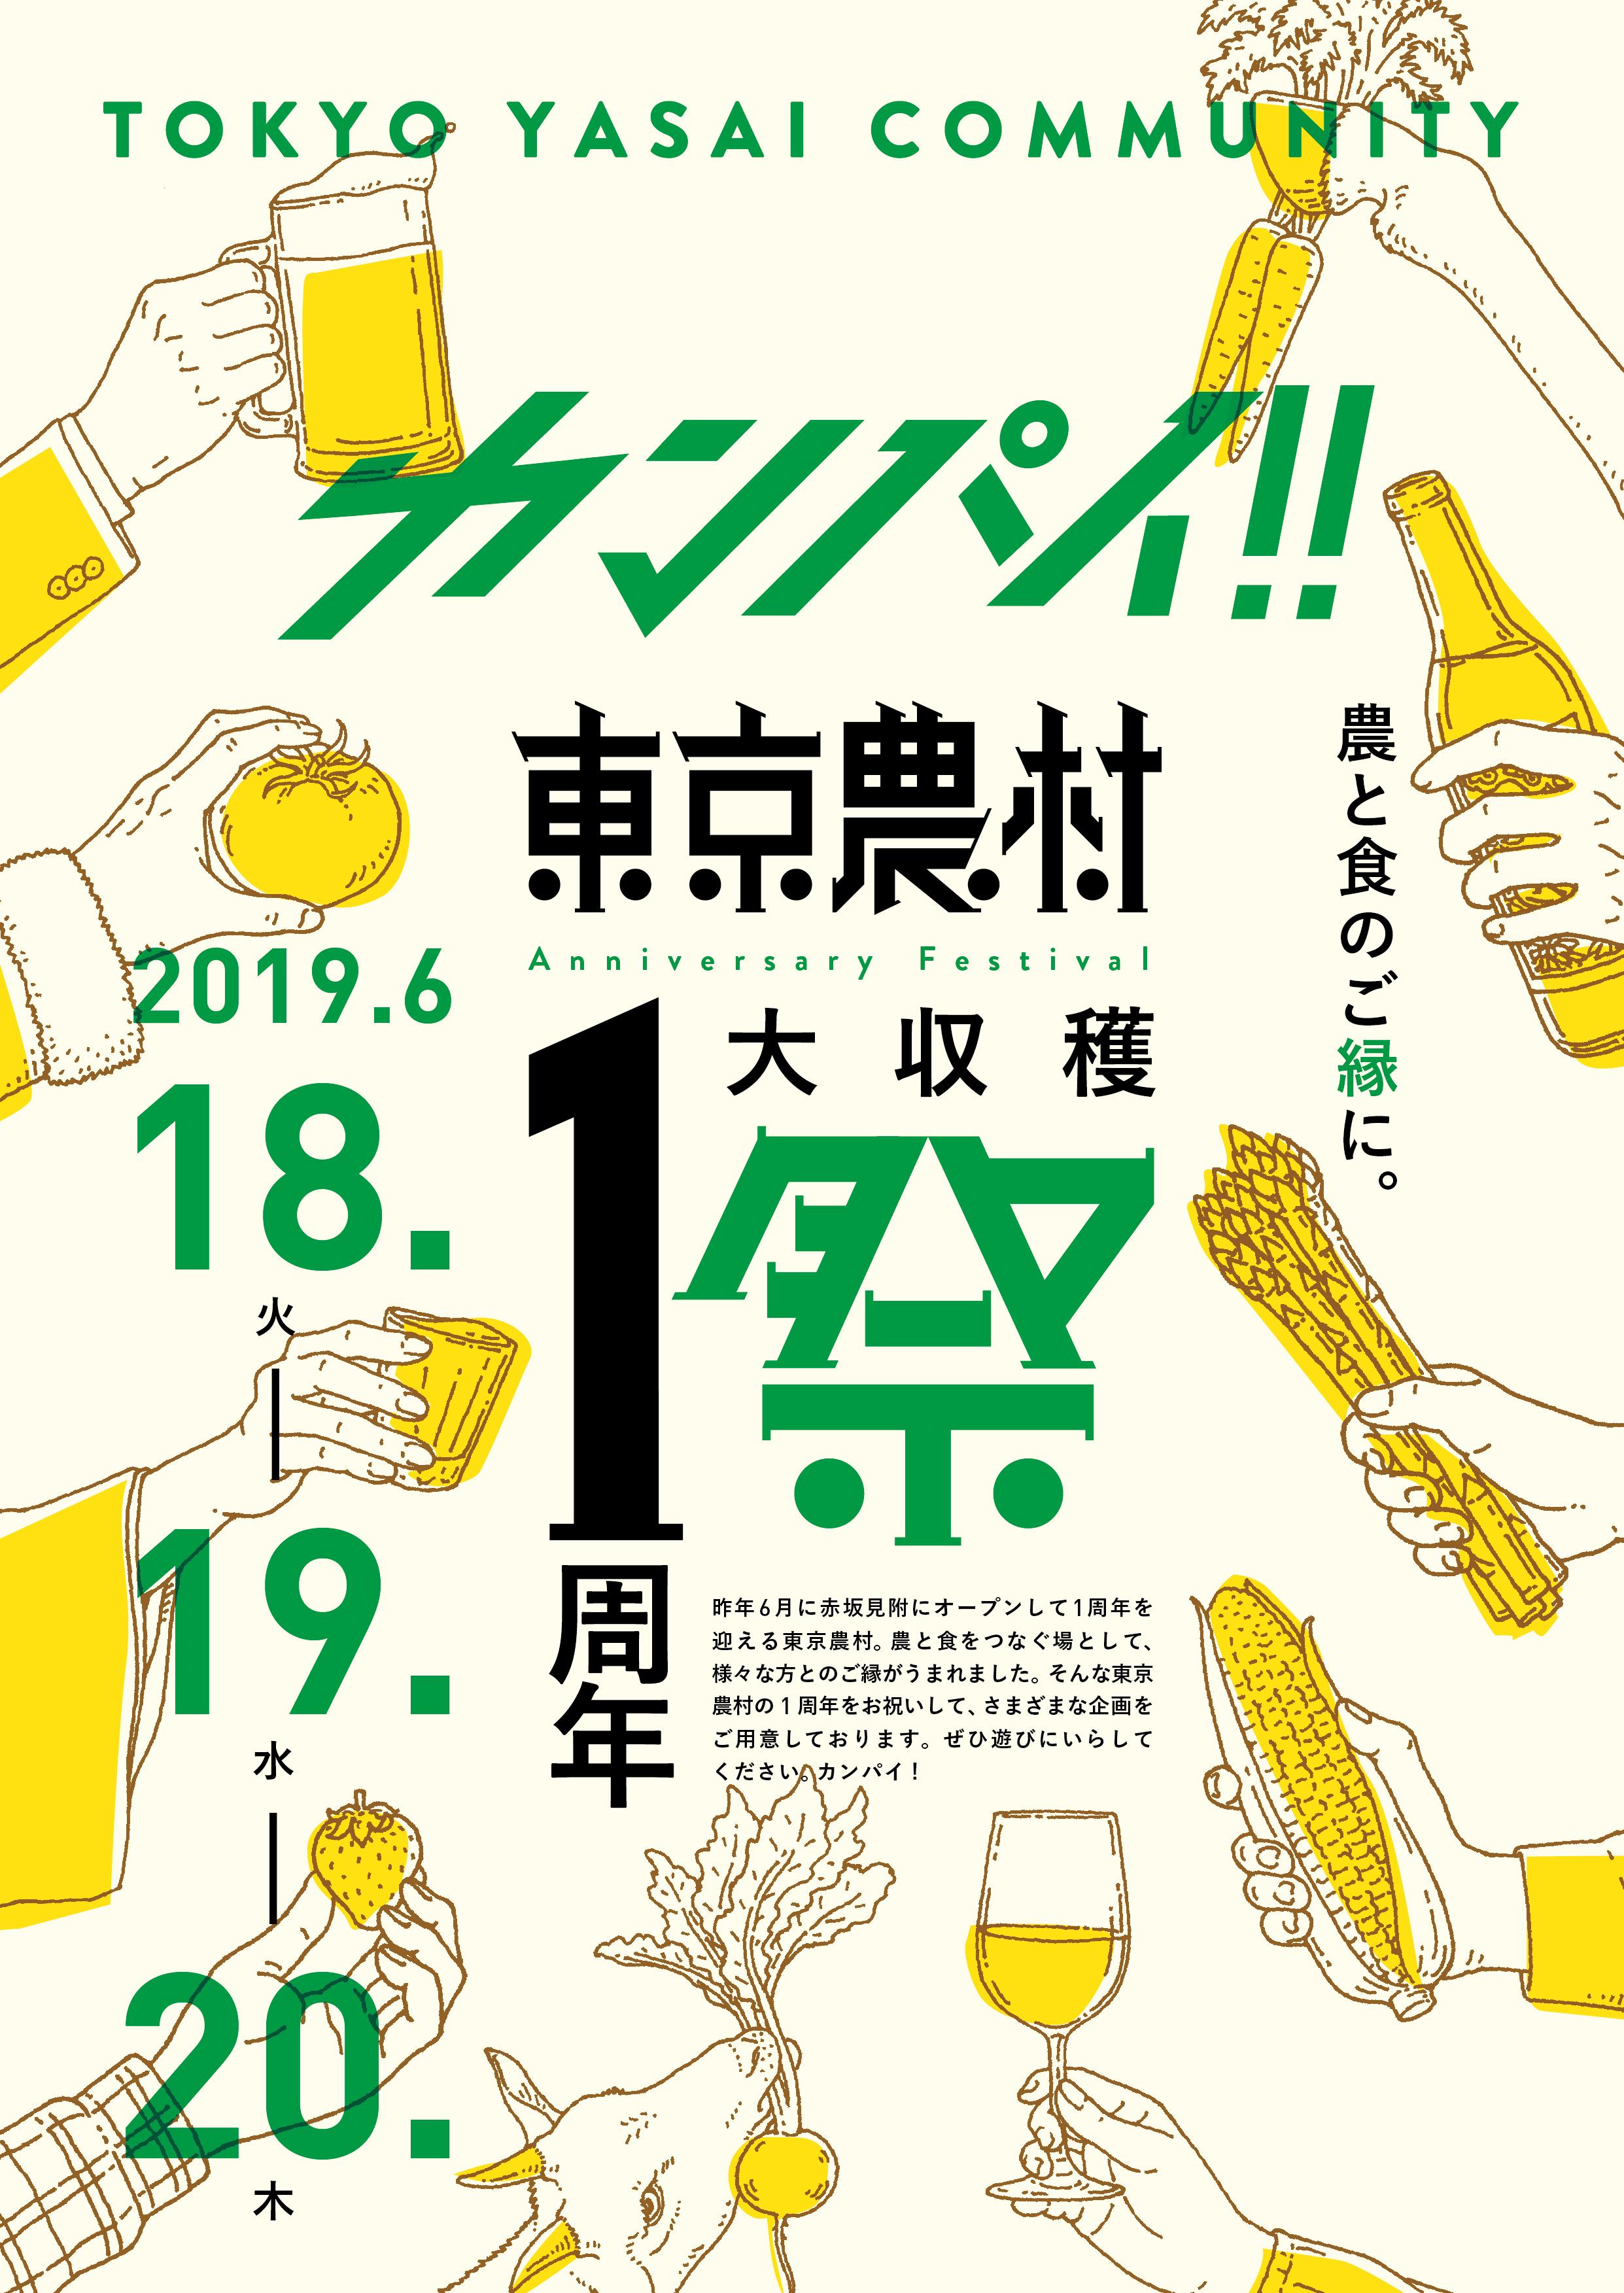 カンパイ!! 東京農村 1周年大収穫祭